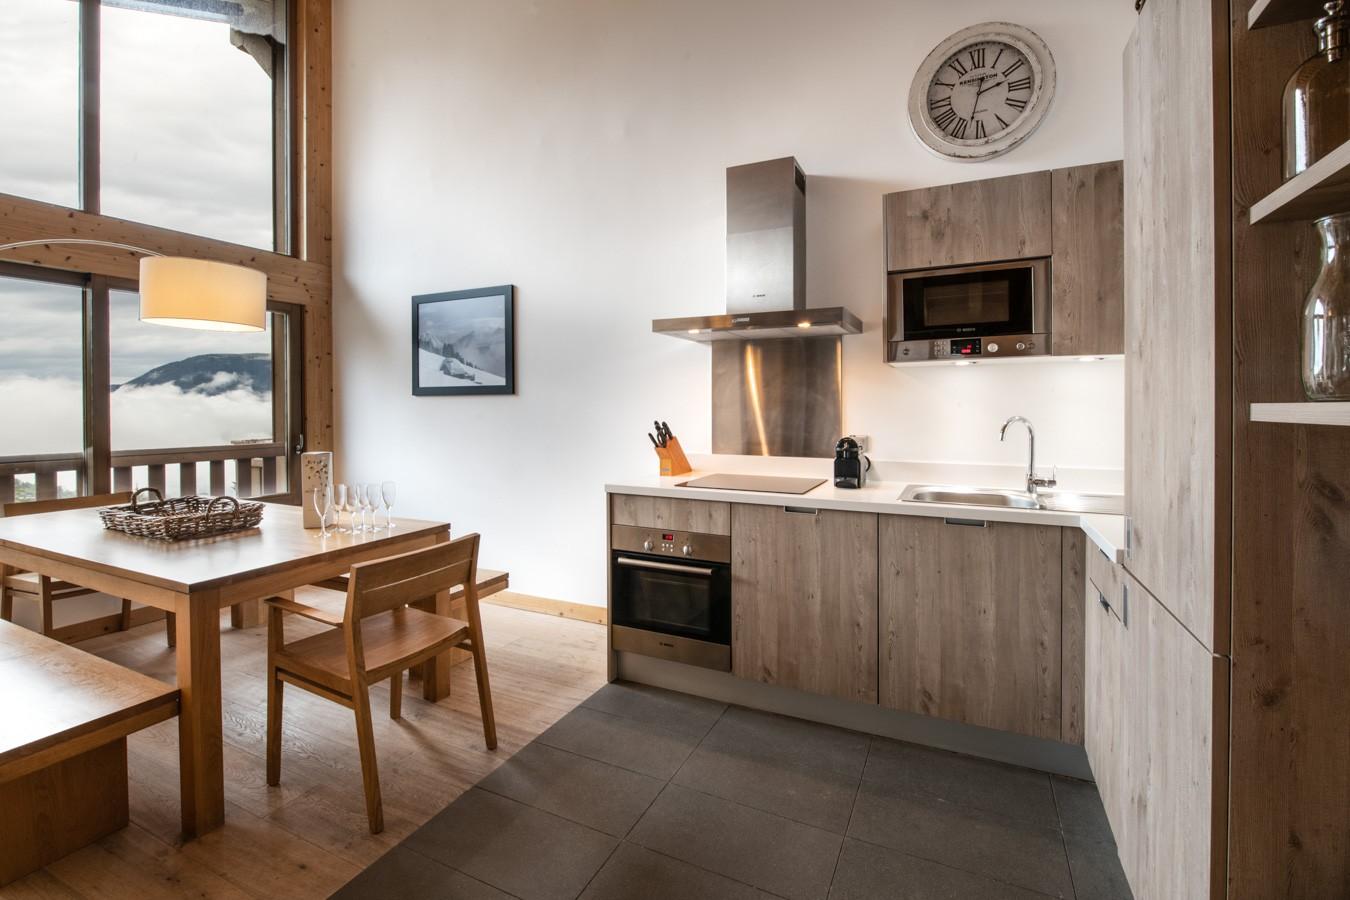 Courchevel 1650 Location Appartement Luxe Allanite Cuisine